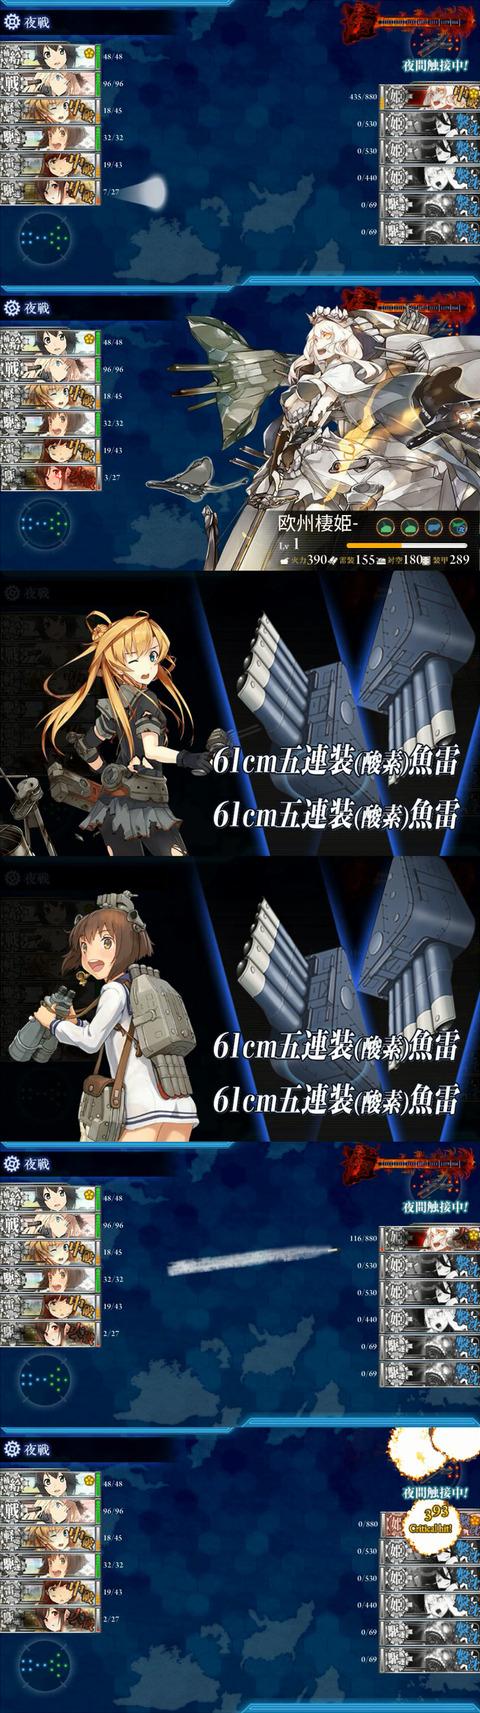 http://dec.2chan.net/60/src/1518055807031.jpg